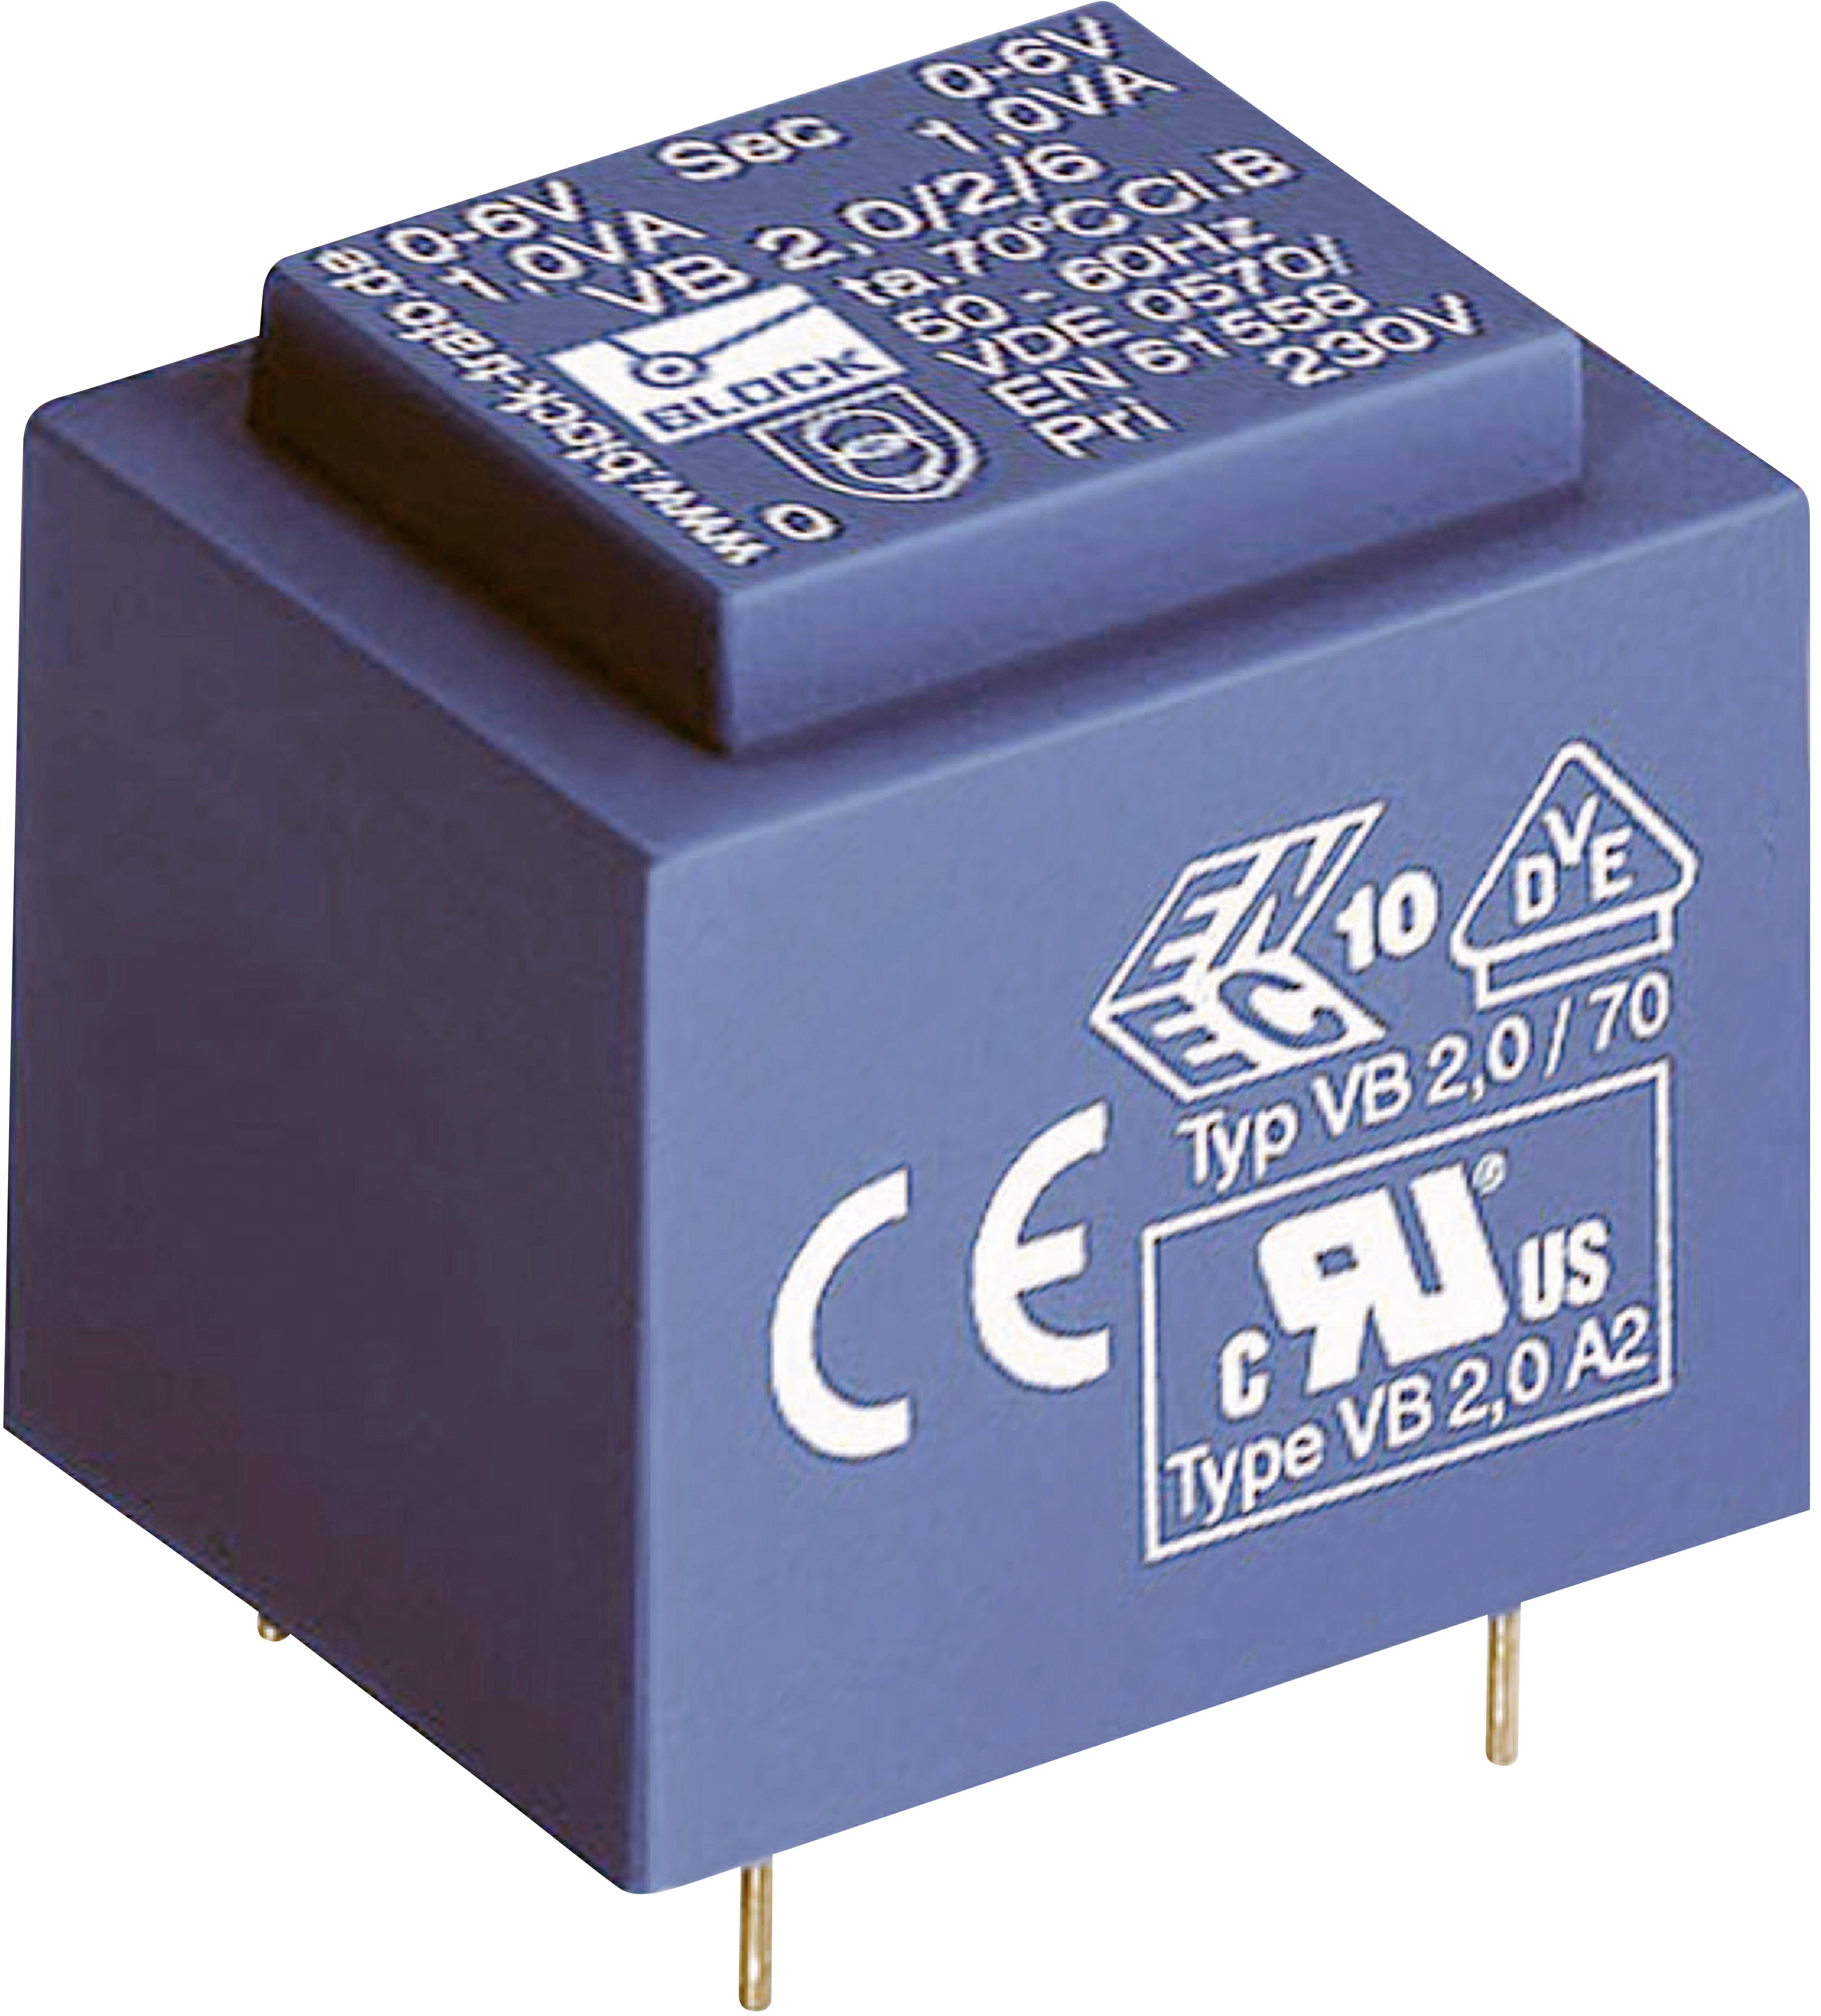 Transformátor do DPS Block VB 3,2/1/9, 3.20 VA